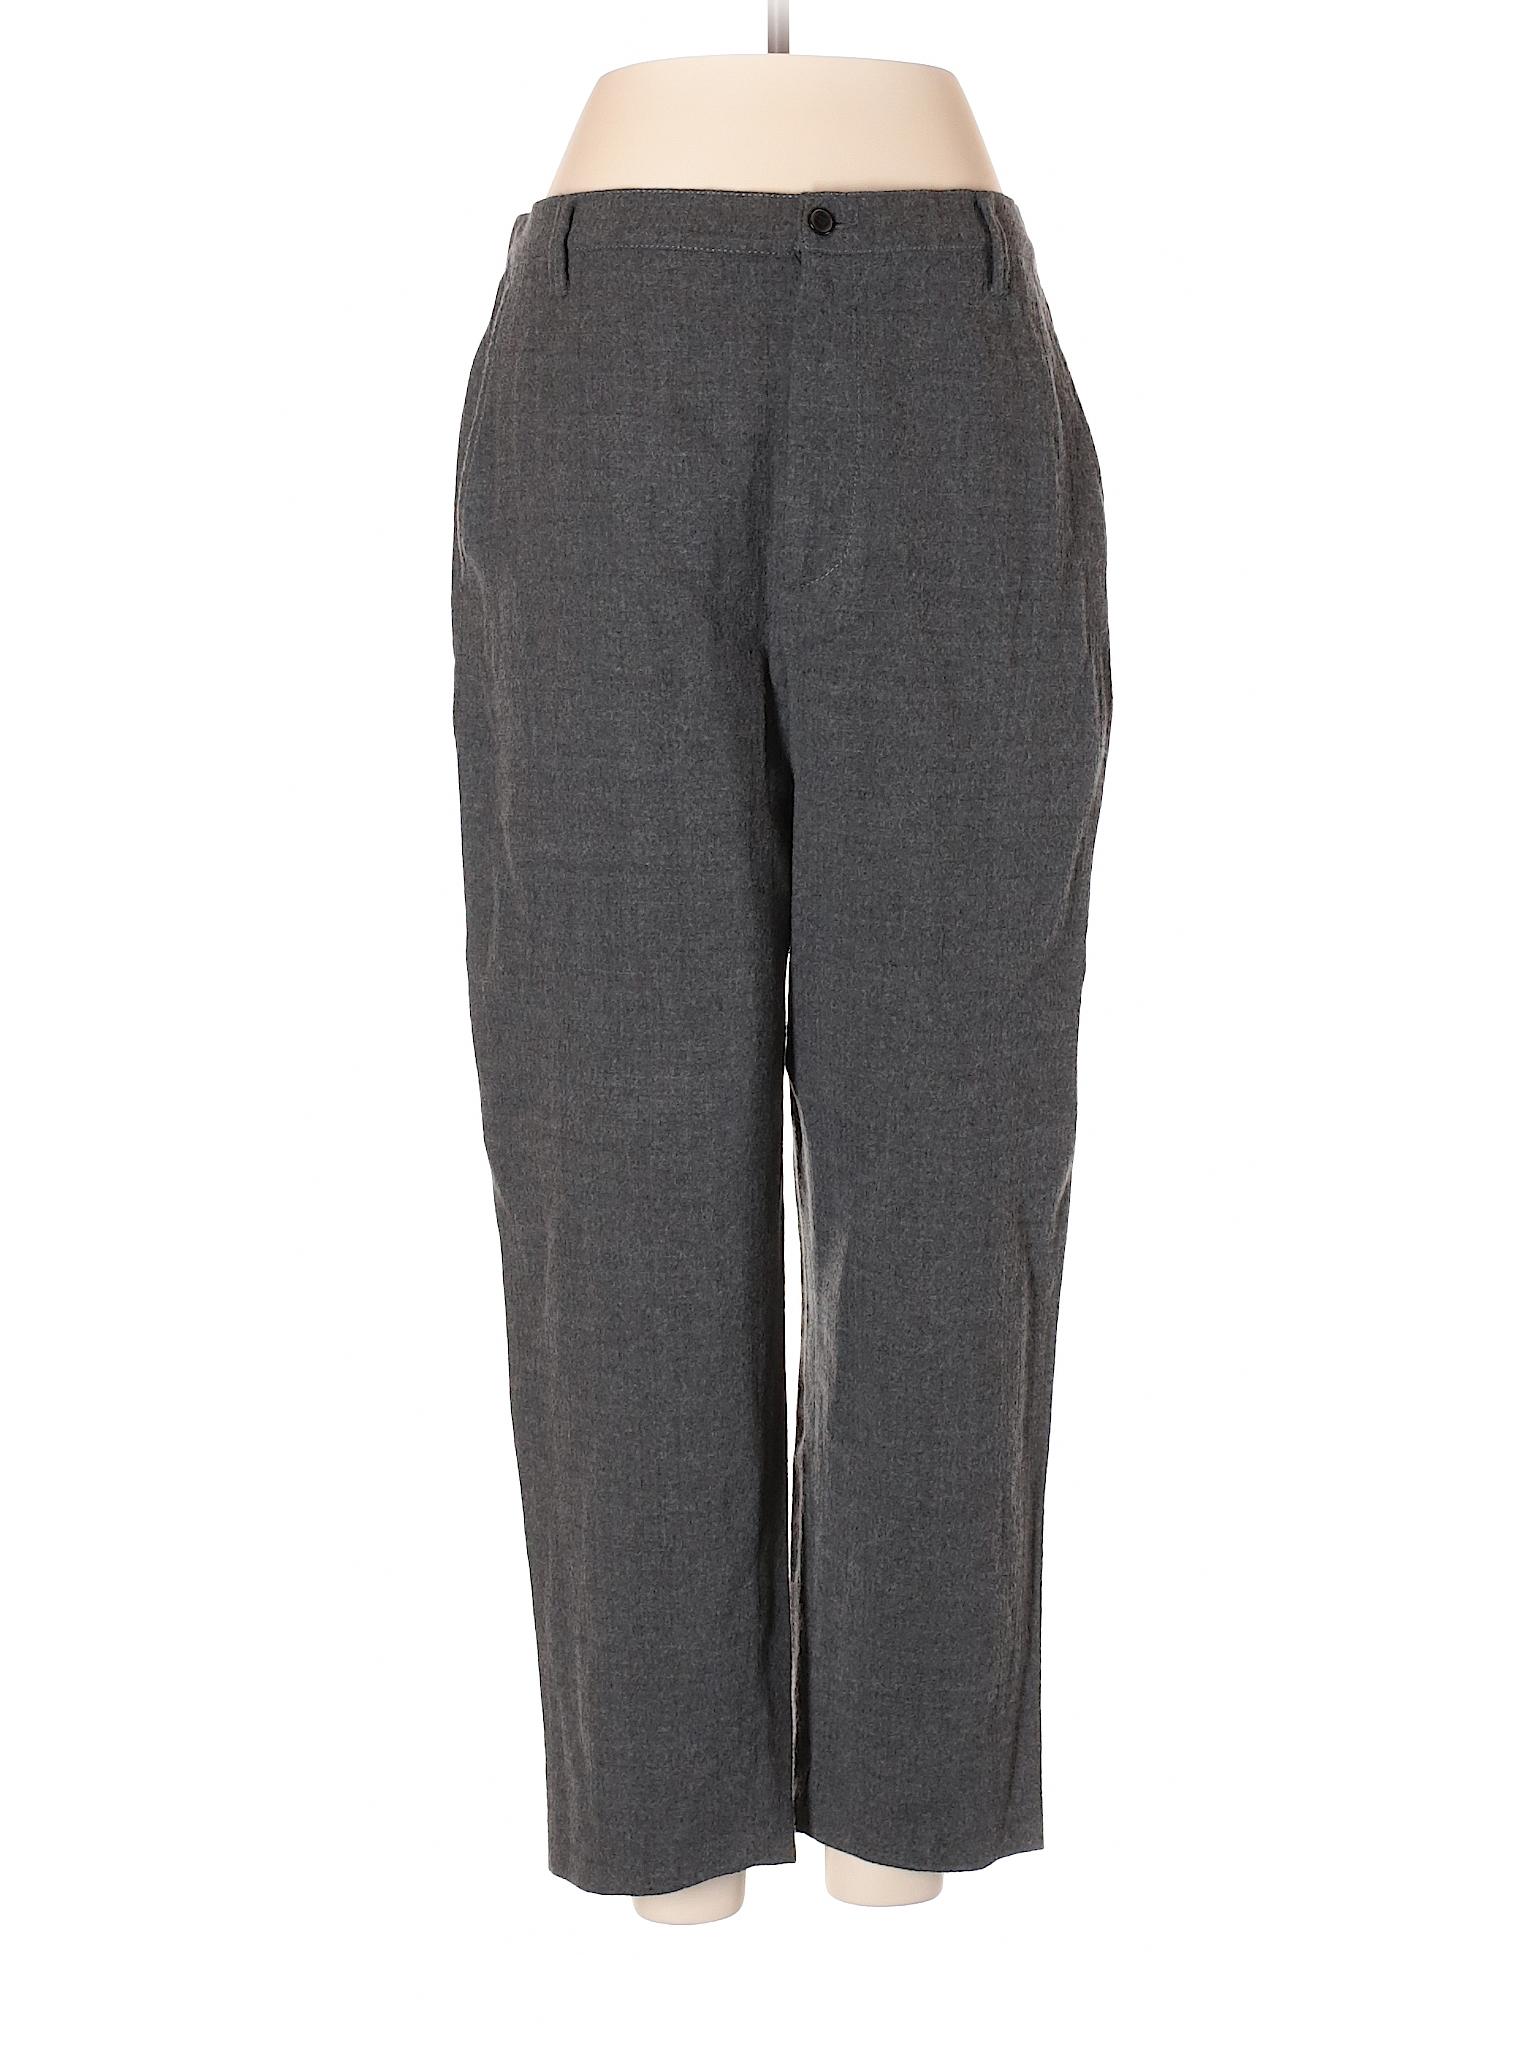 Boutique Dress Zara Zara winter Boutique Dress Pants Boutique winter Pants 88rqfwvn